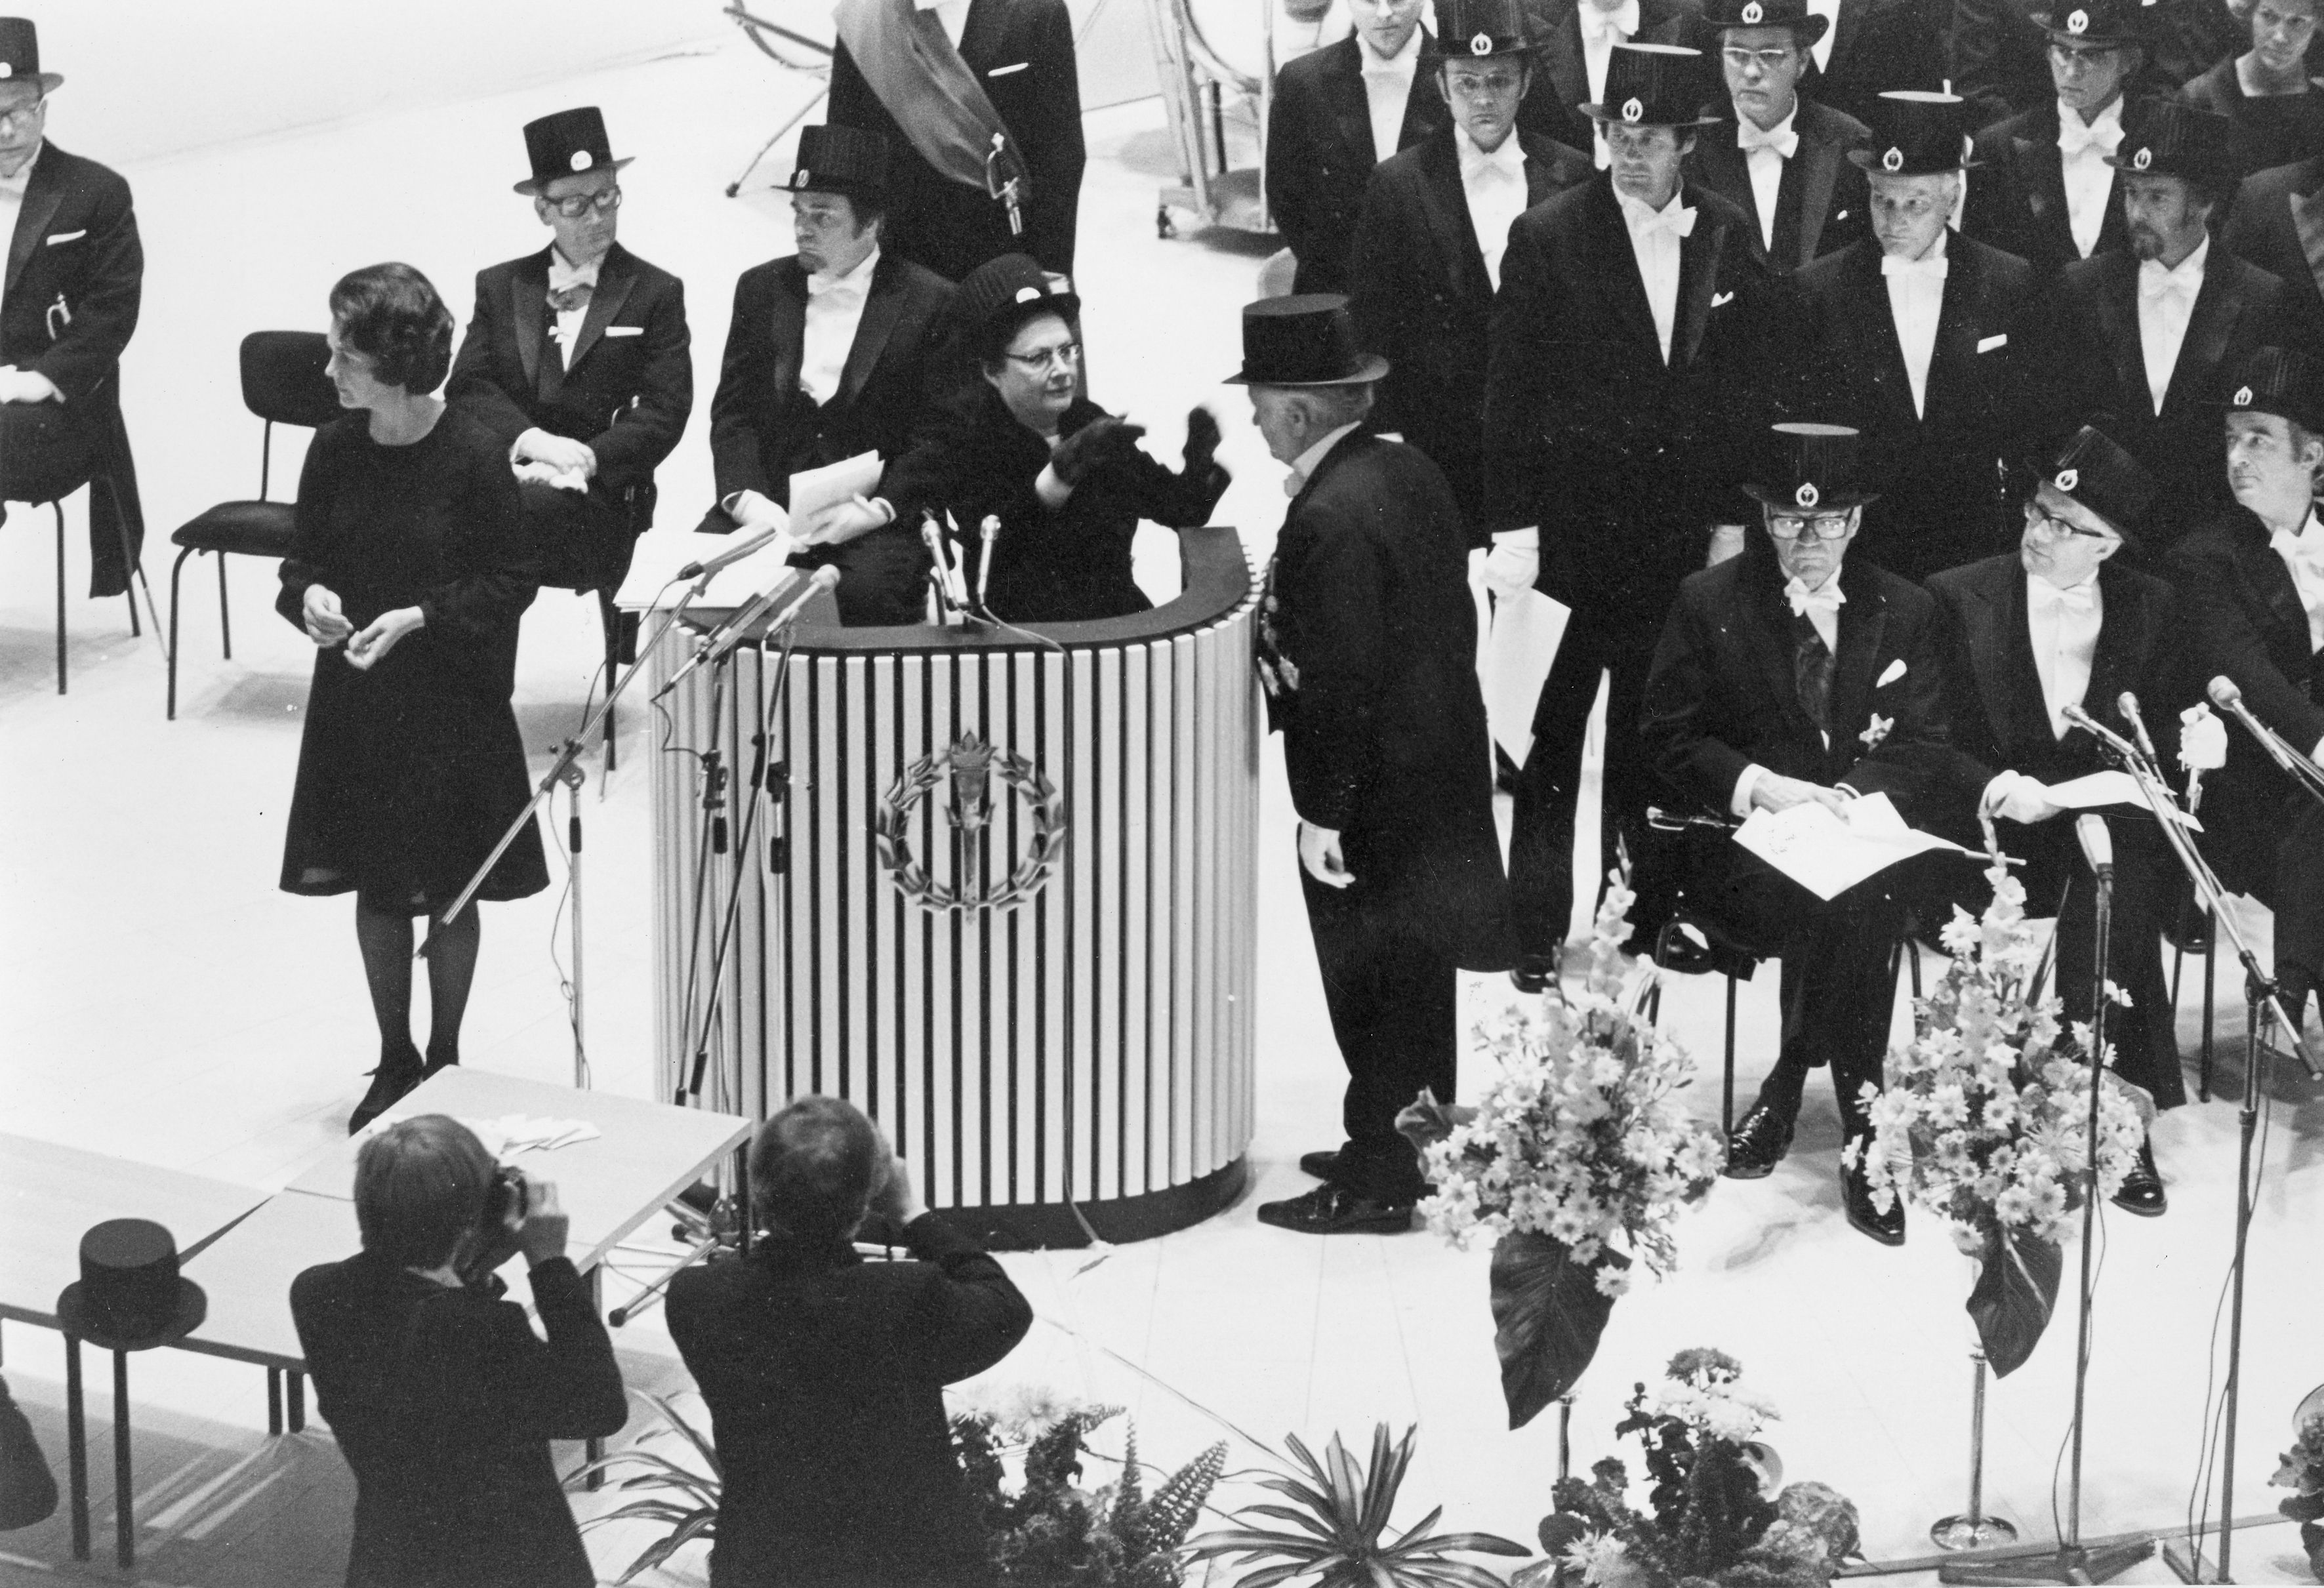 Presidentti Urho Kekkonen sai kunniatohtorin arvon Tampereen yliopiston tiedekuntien yhteisessä tohtori- ja kunniatohtoripromootiossa 1975.